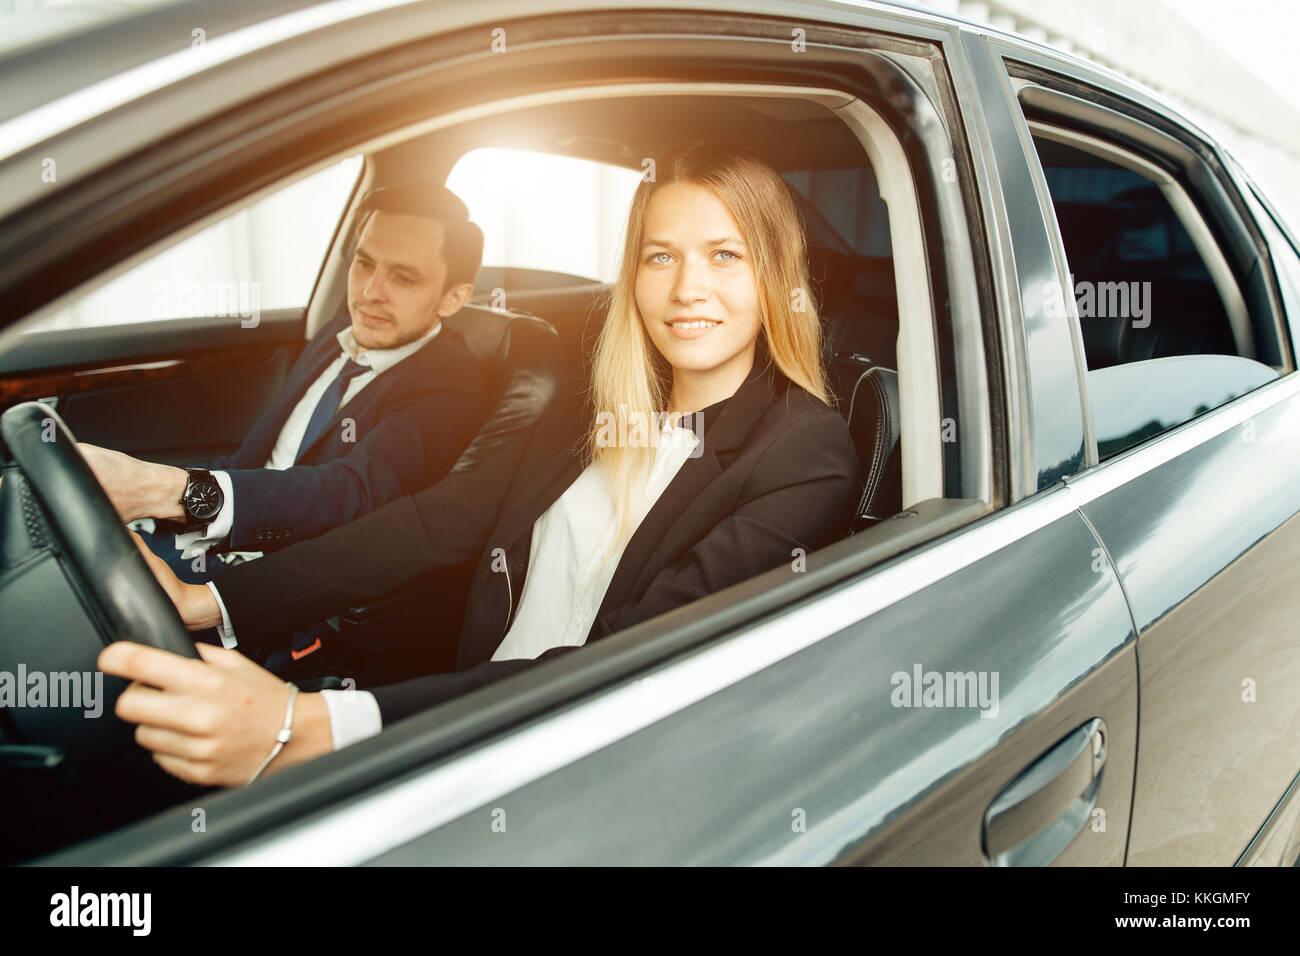 Escuela de conducción - mujer conducir coches con volante, quizás ella tiene prueba de conducción Imagen De Stock